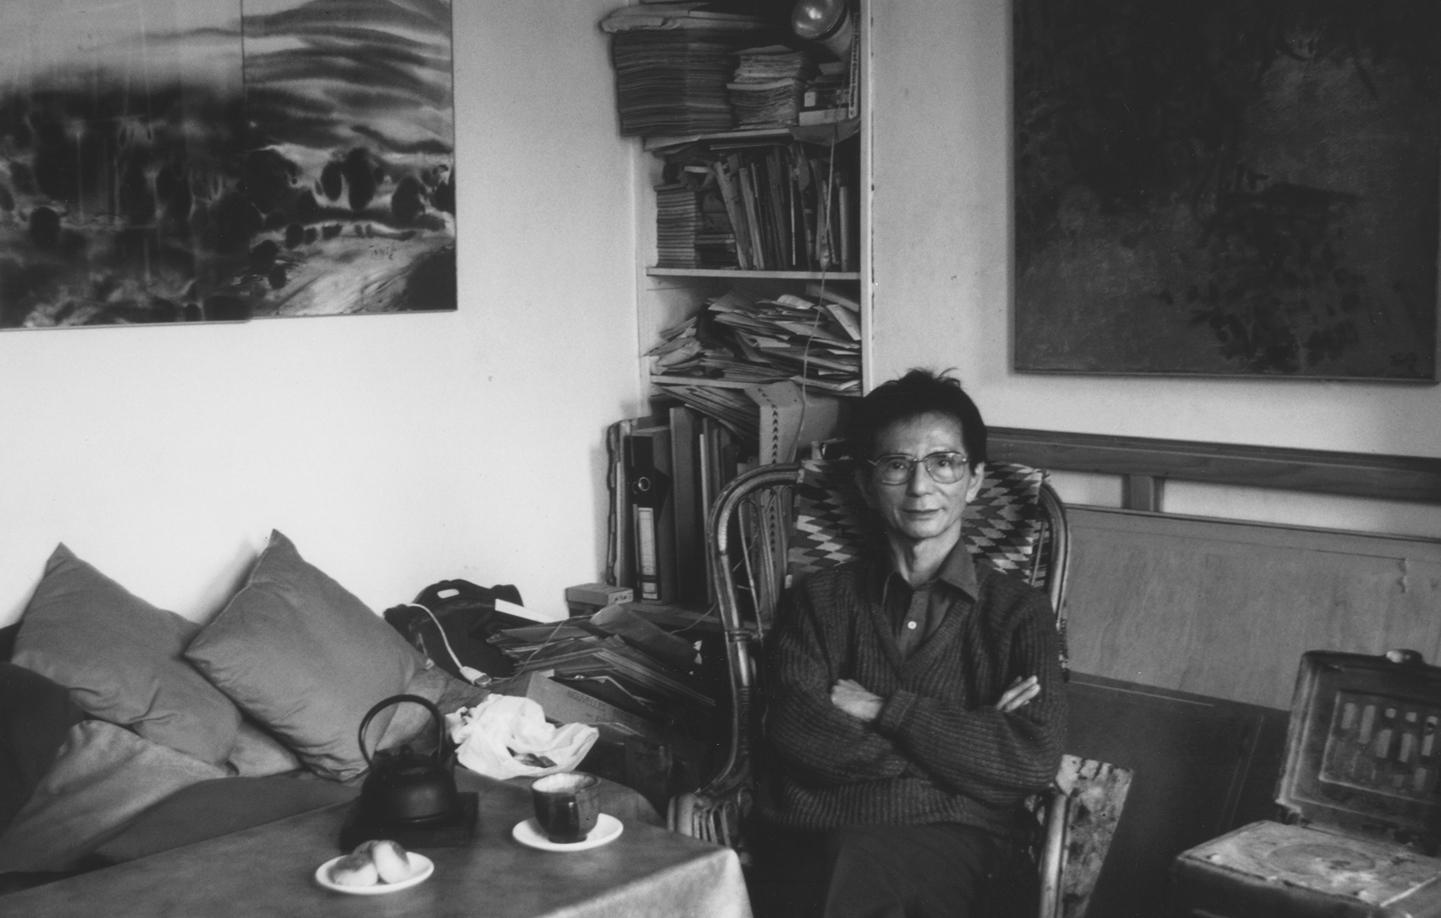 T'ang 1991 by Yonfan Manshih